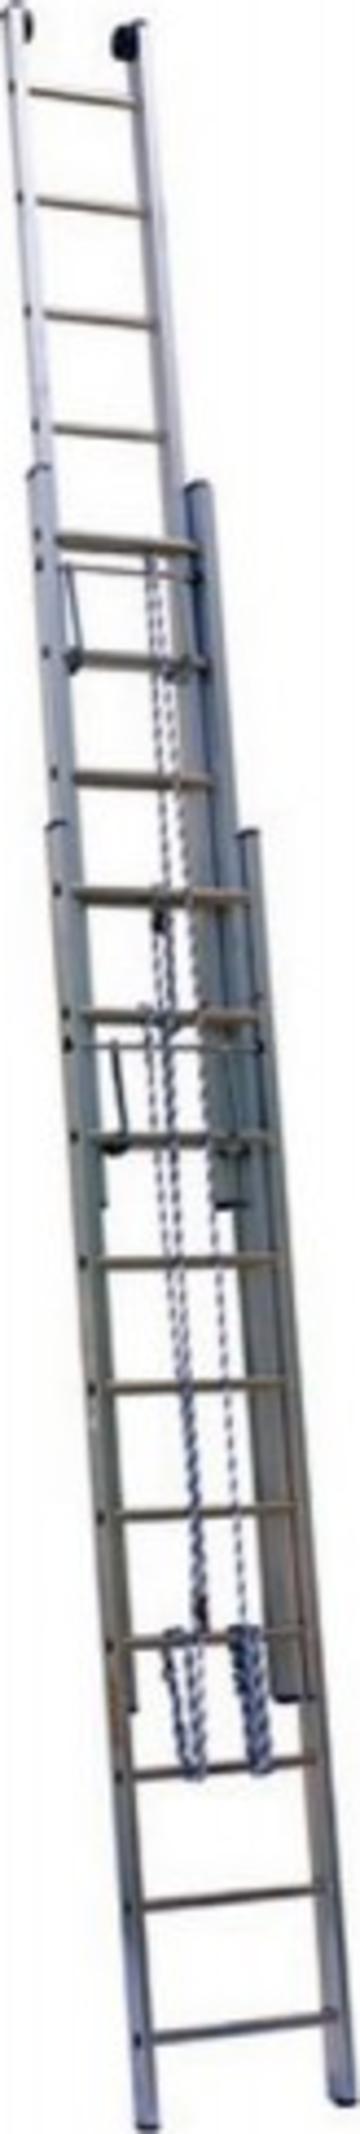 Лестница Лестница выдвижная трехсекционная АЛЮМЕТ 3325 3х25 с тросом